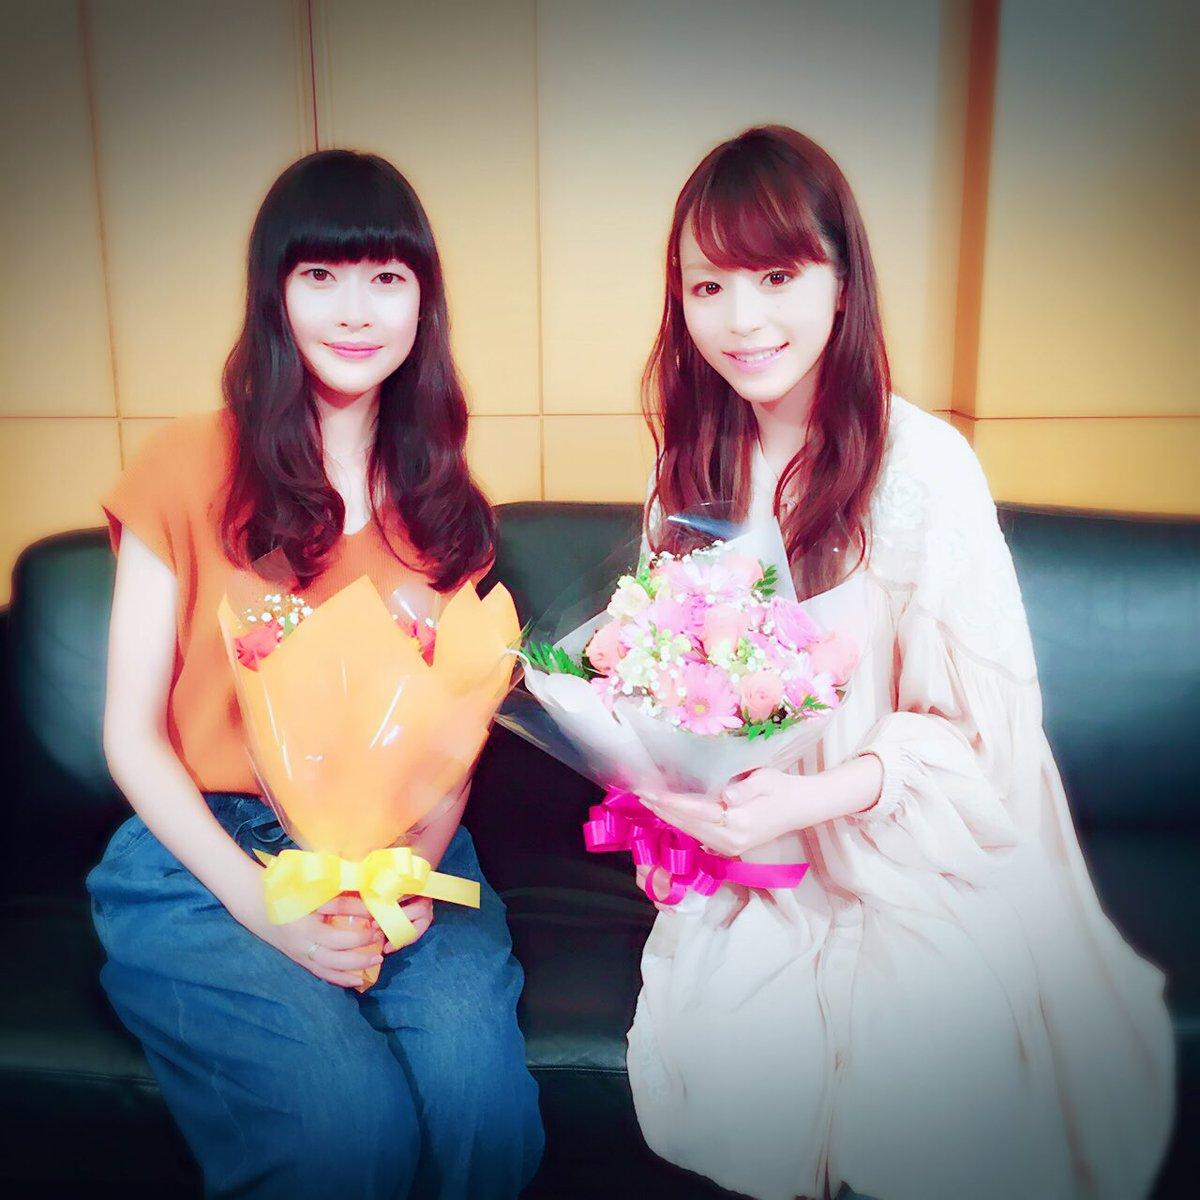 月刊FAIRY TAILコレクションVol.13好評発売中☆彡ゲストはメイビス役の能登麻美子さん‼︎